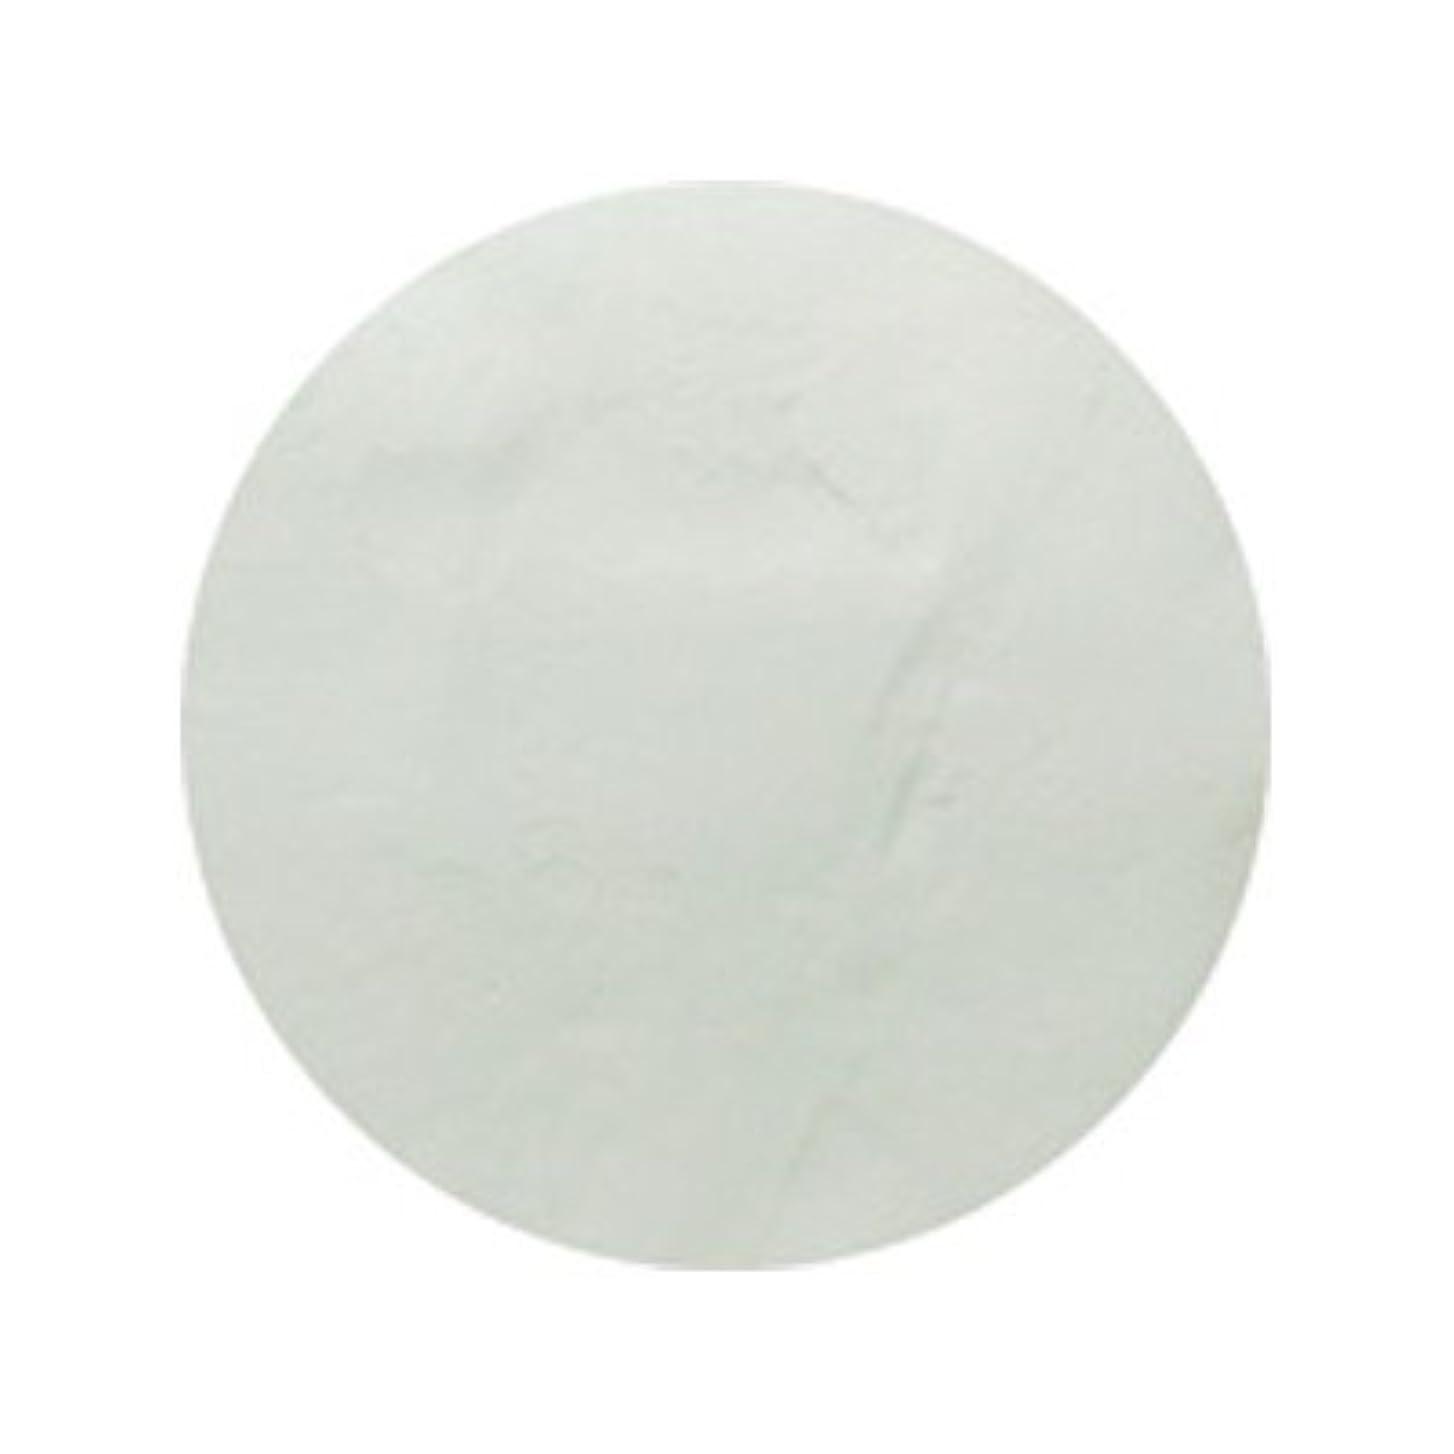 ディプロマ前奏曲裸ピカエース #700 着色顔料 スノーホワイト